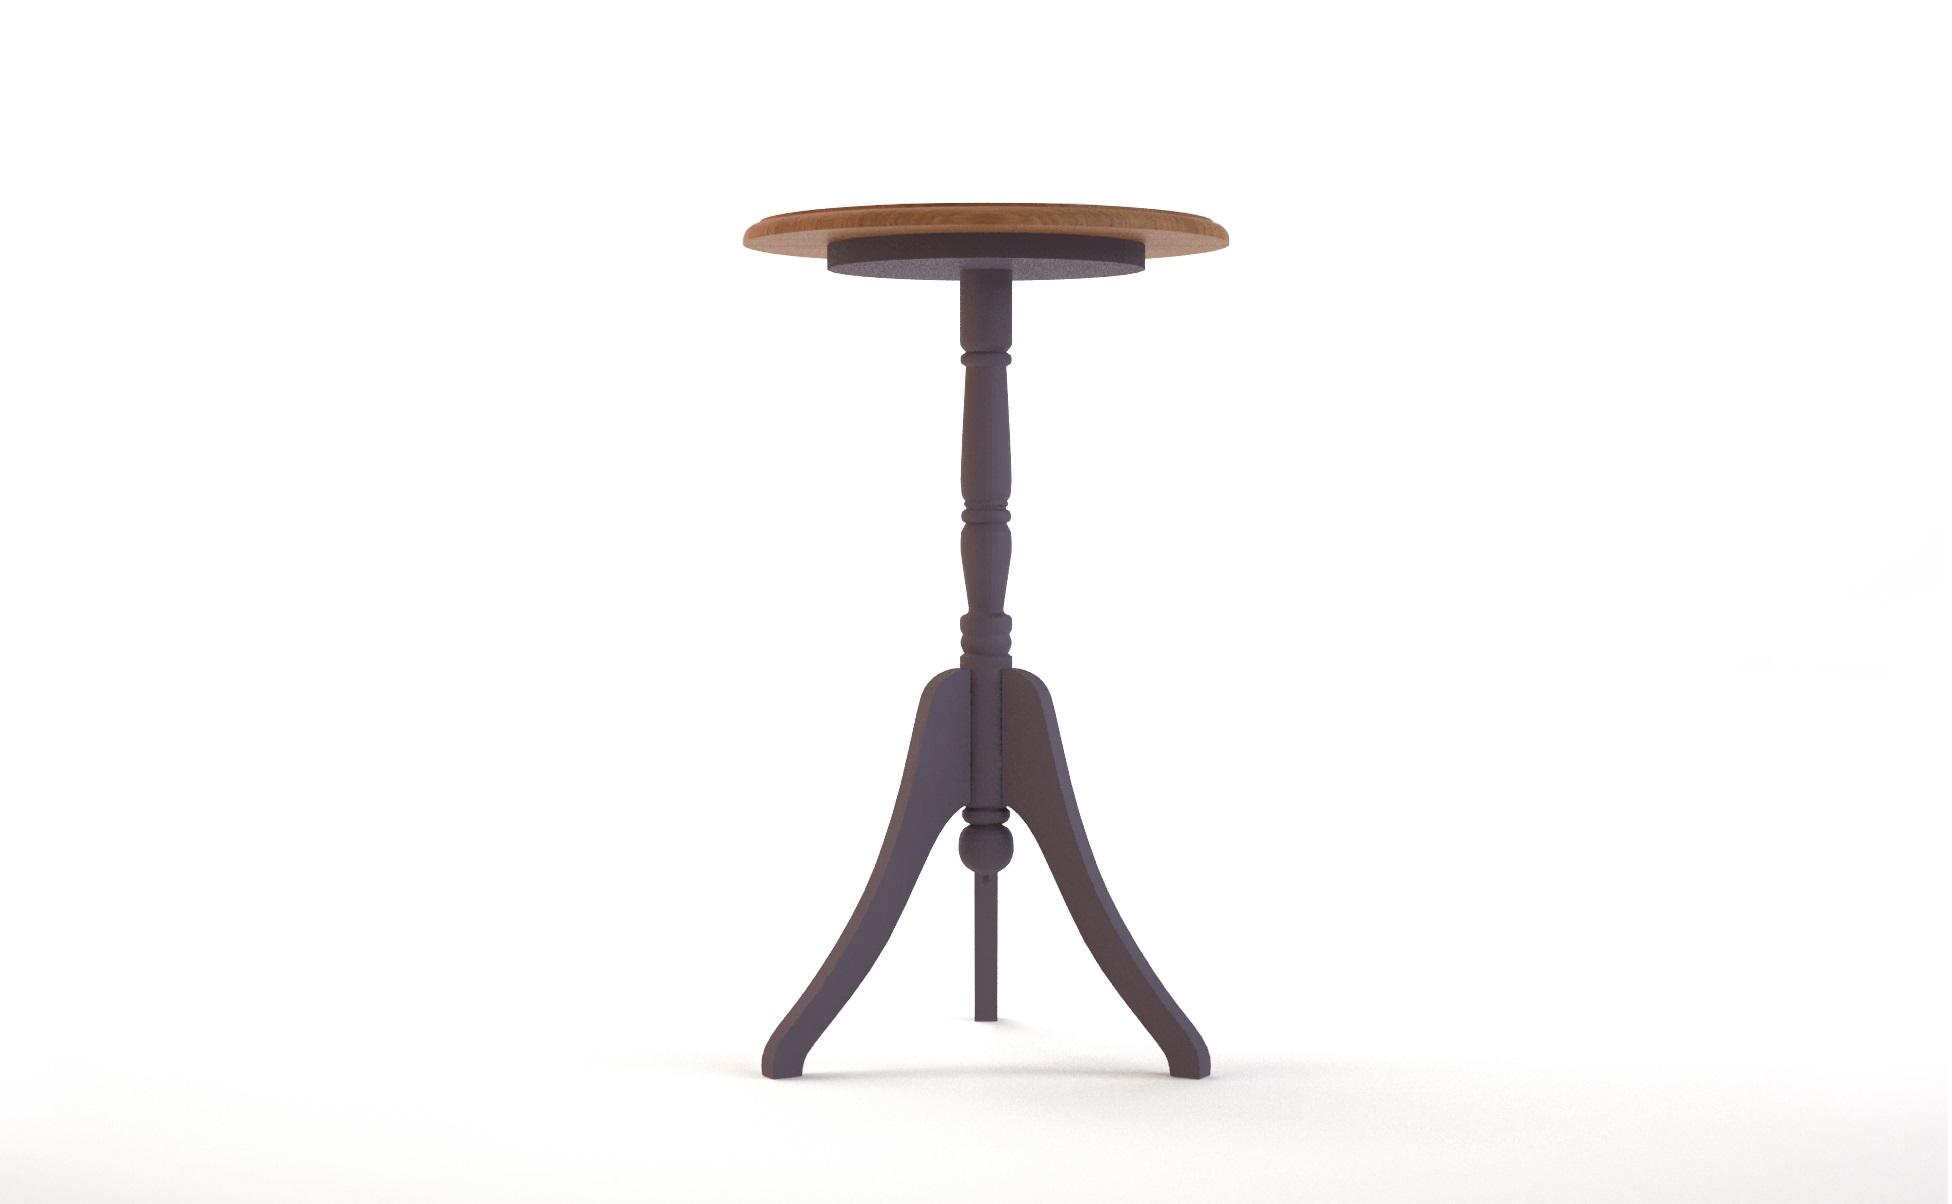 Сервировочный столик Etg-Home 15442470 от thefurnish